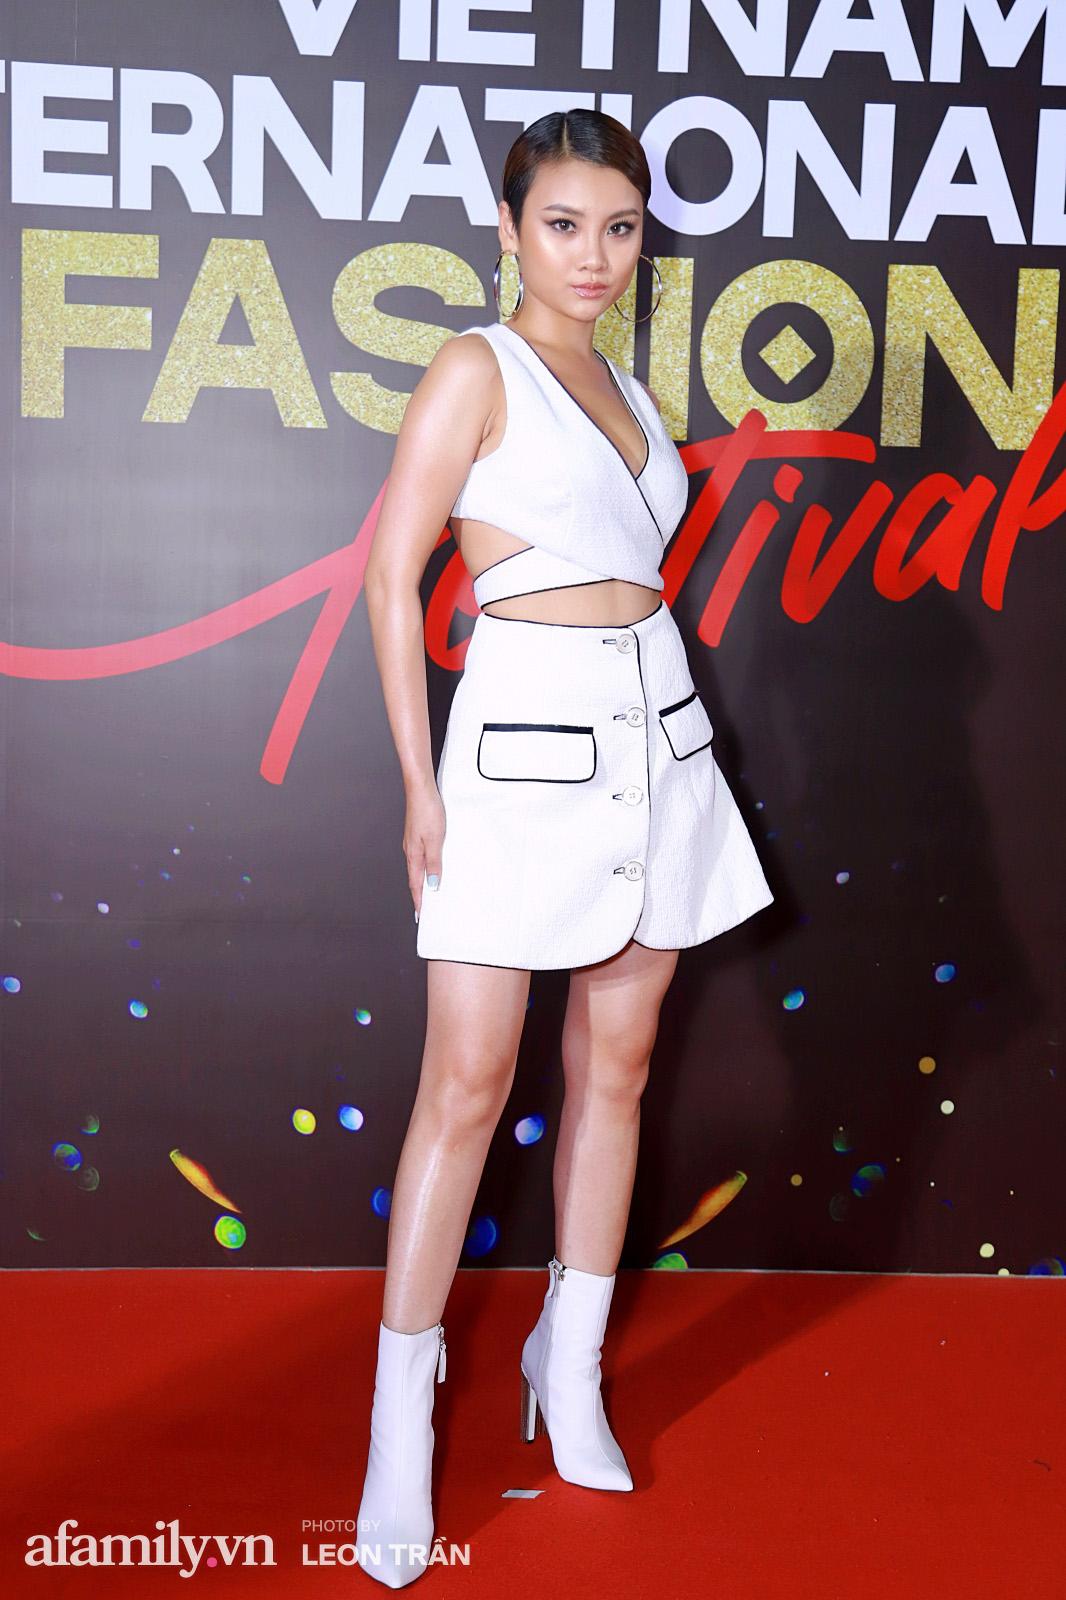 """Fashion Festival ngày cuối: Midu đẹp tựa thần tiên, nhưng giật spotlight lại là gương mặt """"mới cứng"""" của showbiz Việt  - Ảnh 8."""